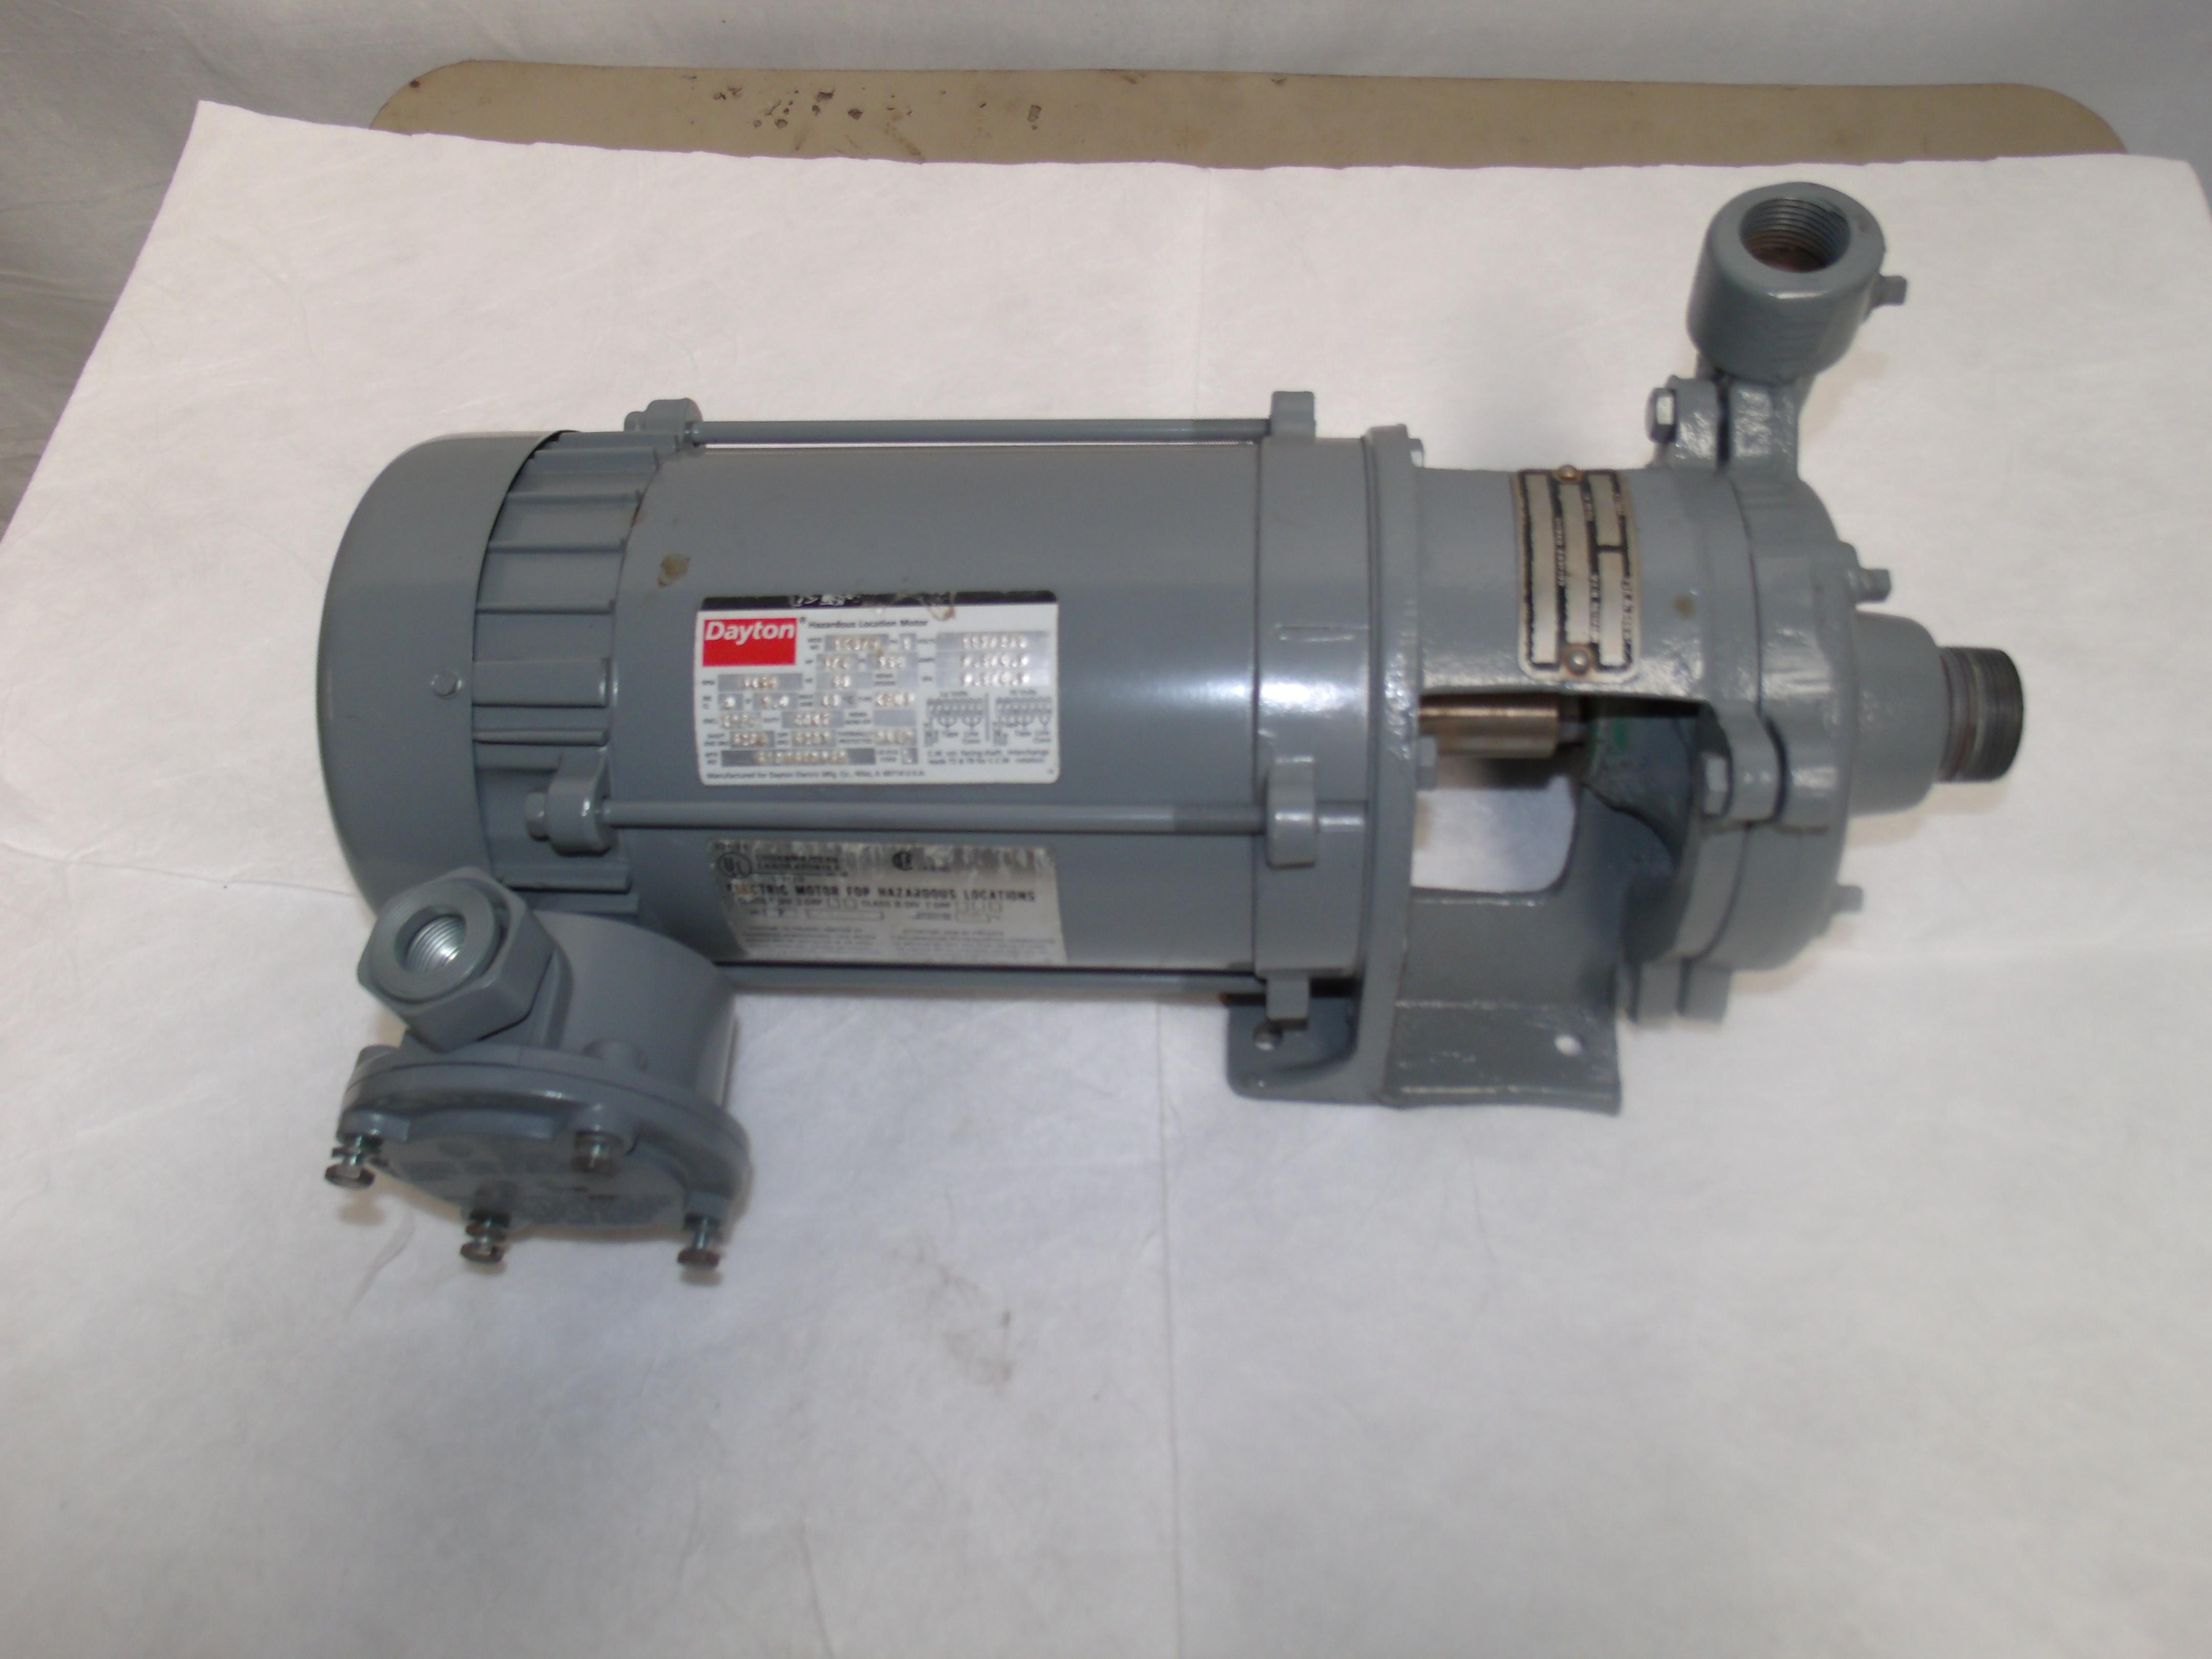 X005 Centrifugal Water Pump Dayton 3 4 Hp Motor